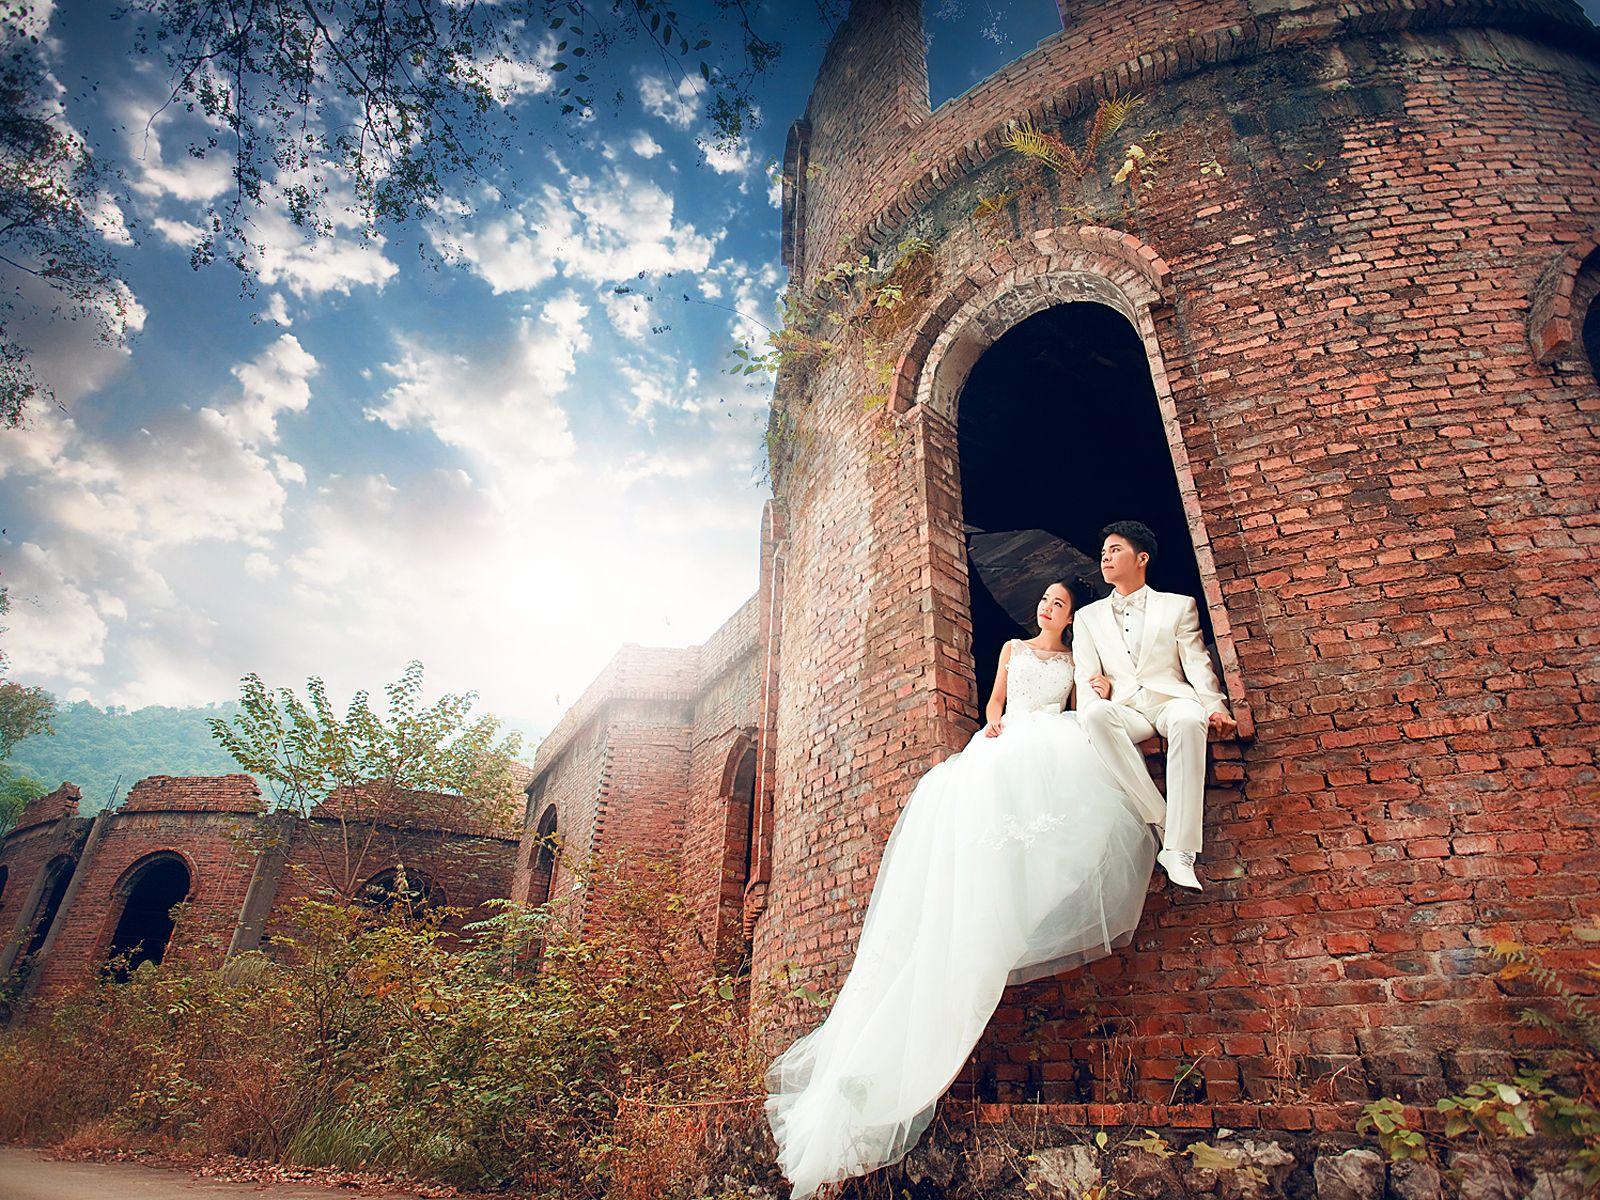 纯爱婚纱摄影